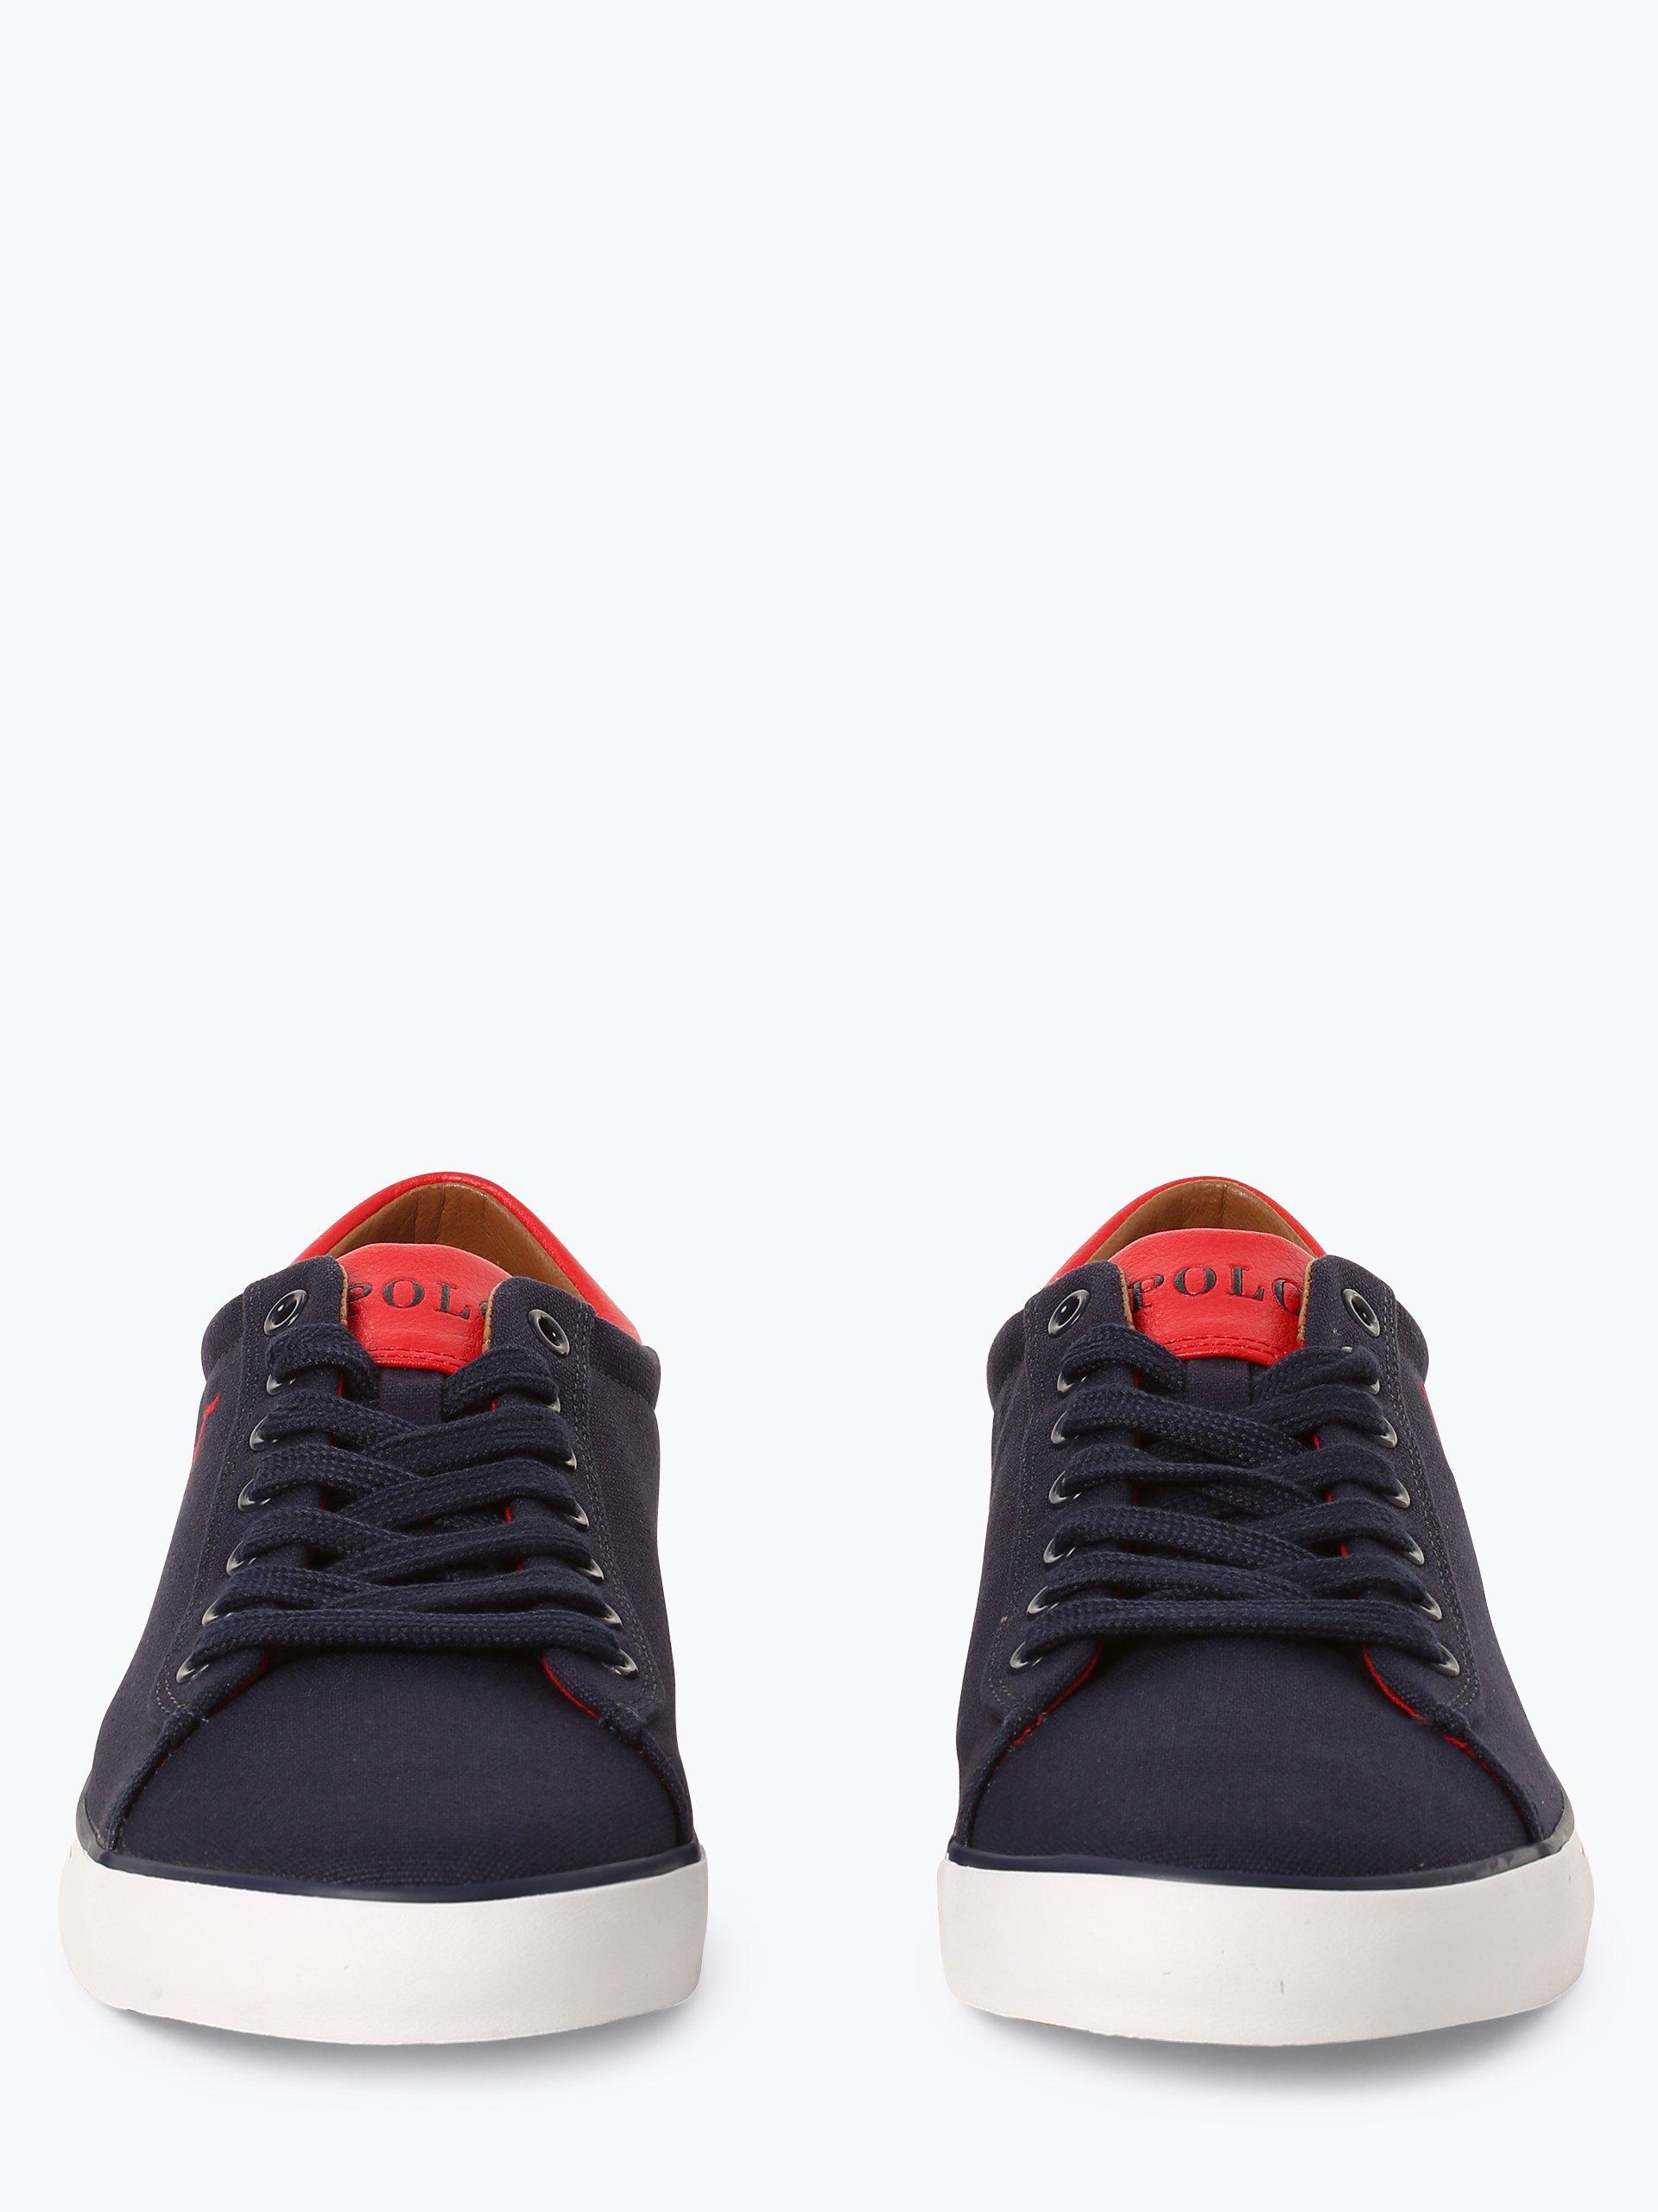 Polo Ralph Lauren Herren Sneaker - Harvey